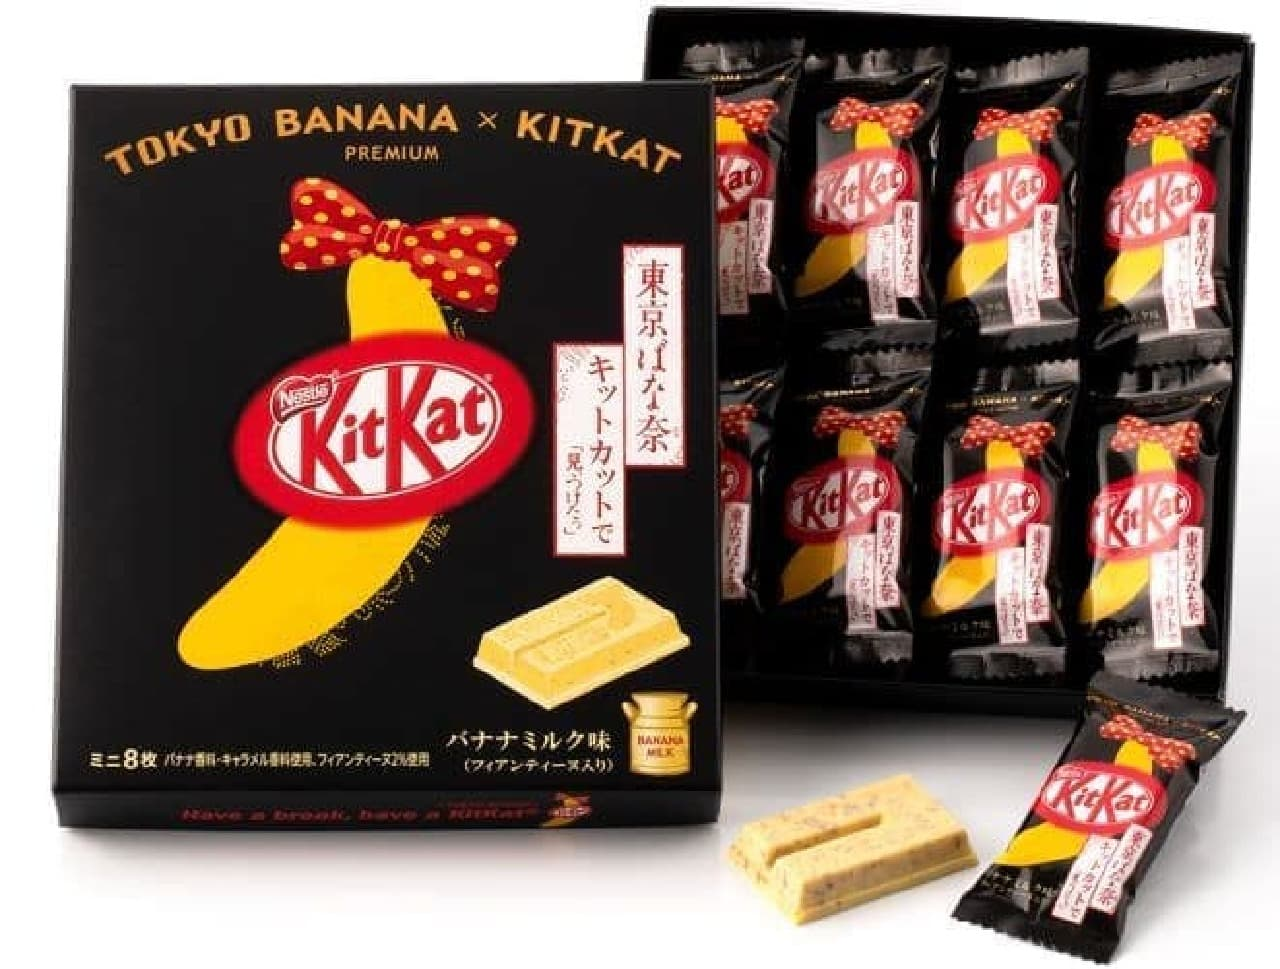 東京ばな奈 キットカットで『見ぃつけたっ』(キットカット 東京ばな奈味)プレミアム バナナミルク味 -フィアンティーヌ入り-